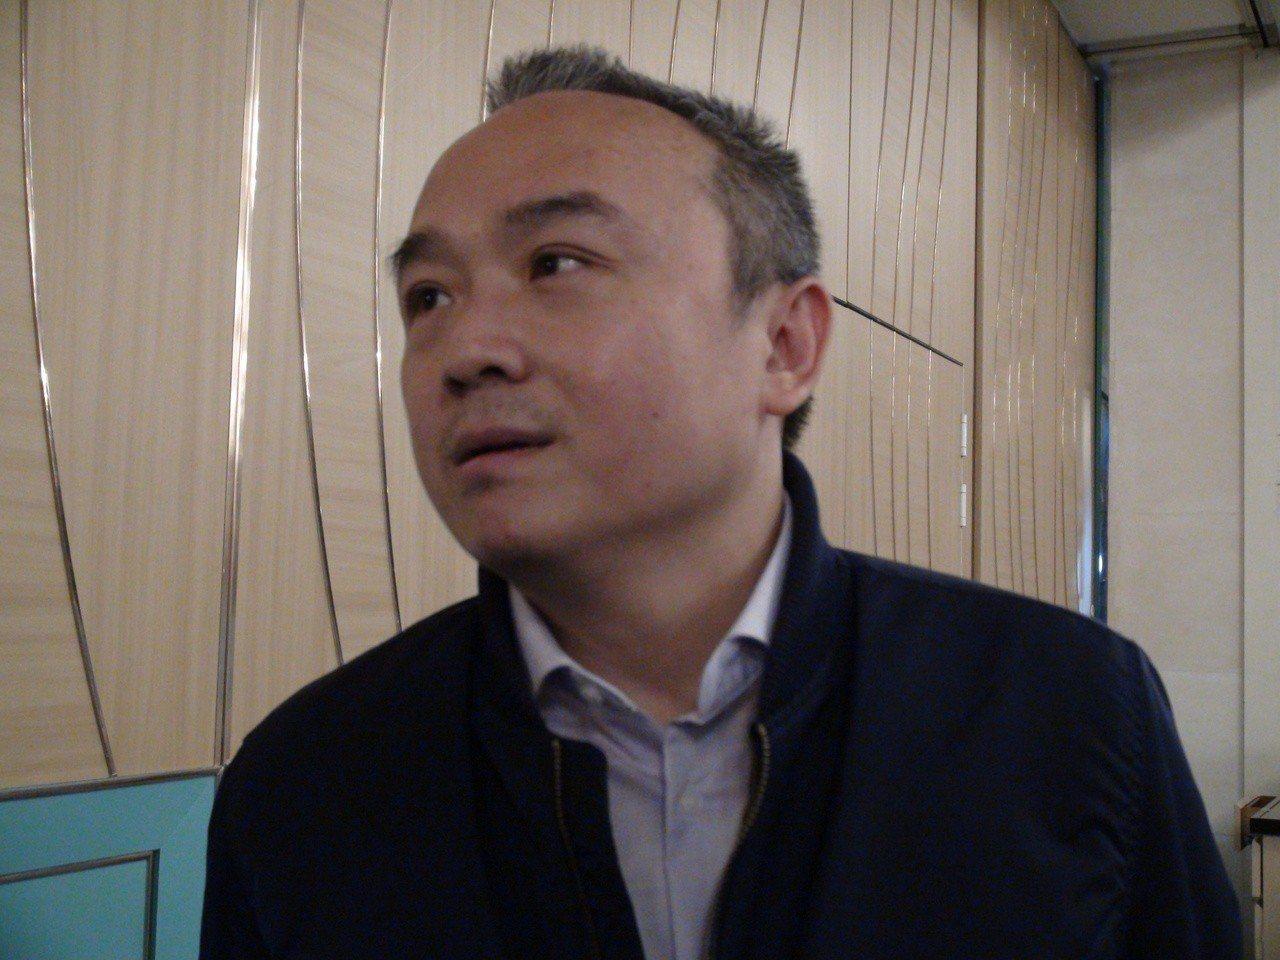 高雄市觀光局長潘旭透露要聘瓊瑤擔任高雄市愛情產業鏈總顧問。記者謝梅芬/攝影